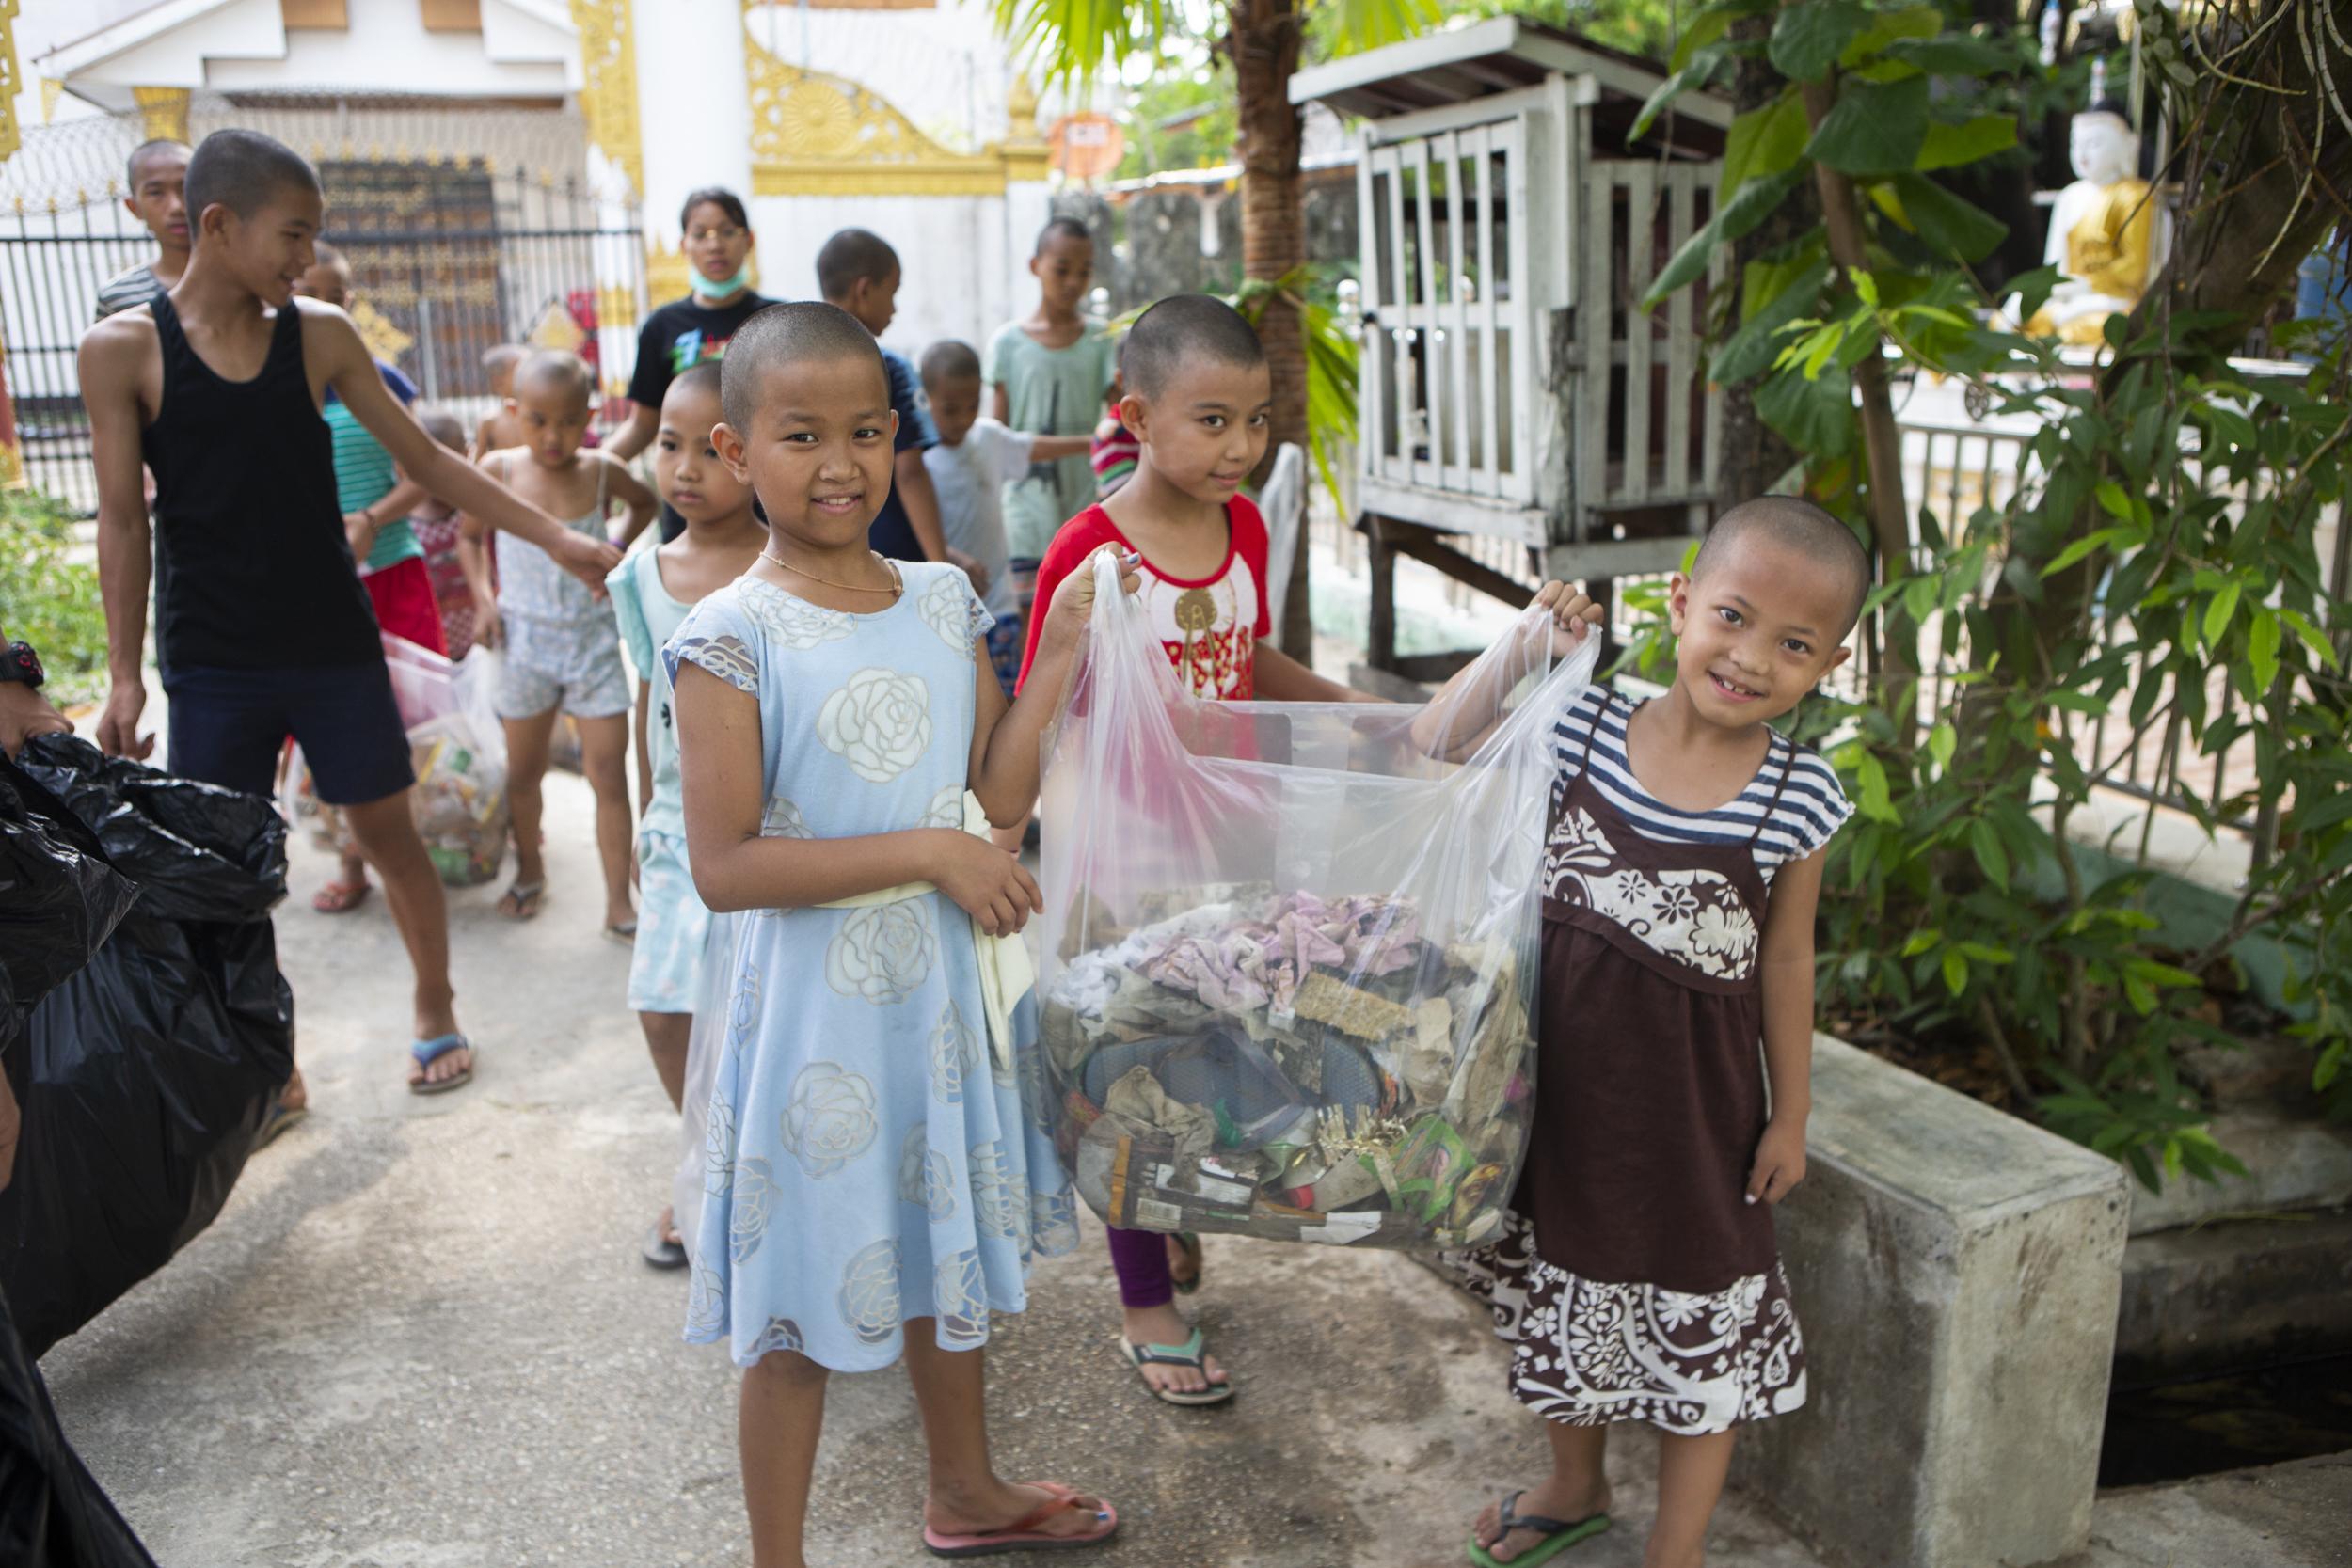 Collecte de déchets dans le quartier / Trash pickup in the neighbourhood